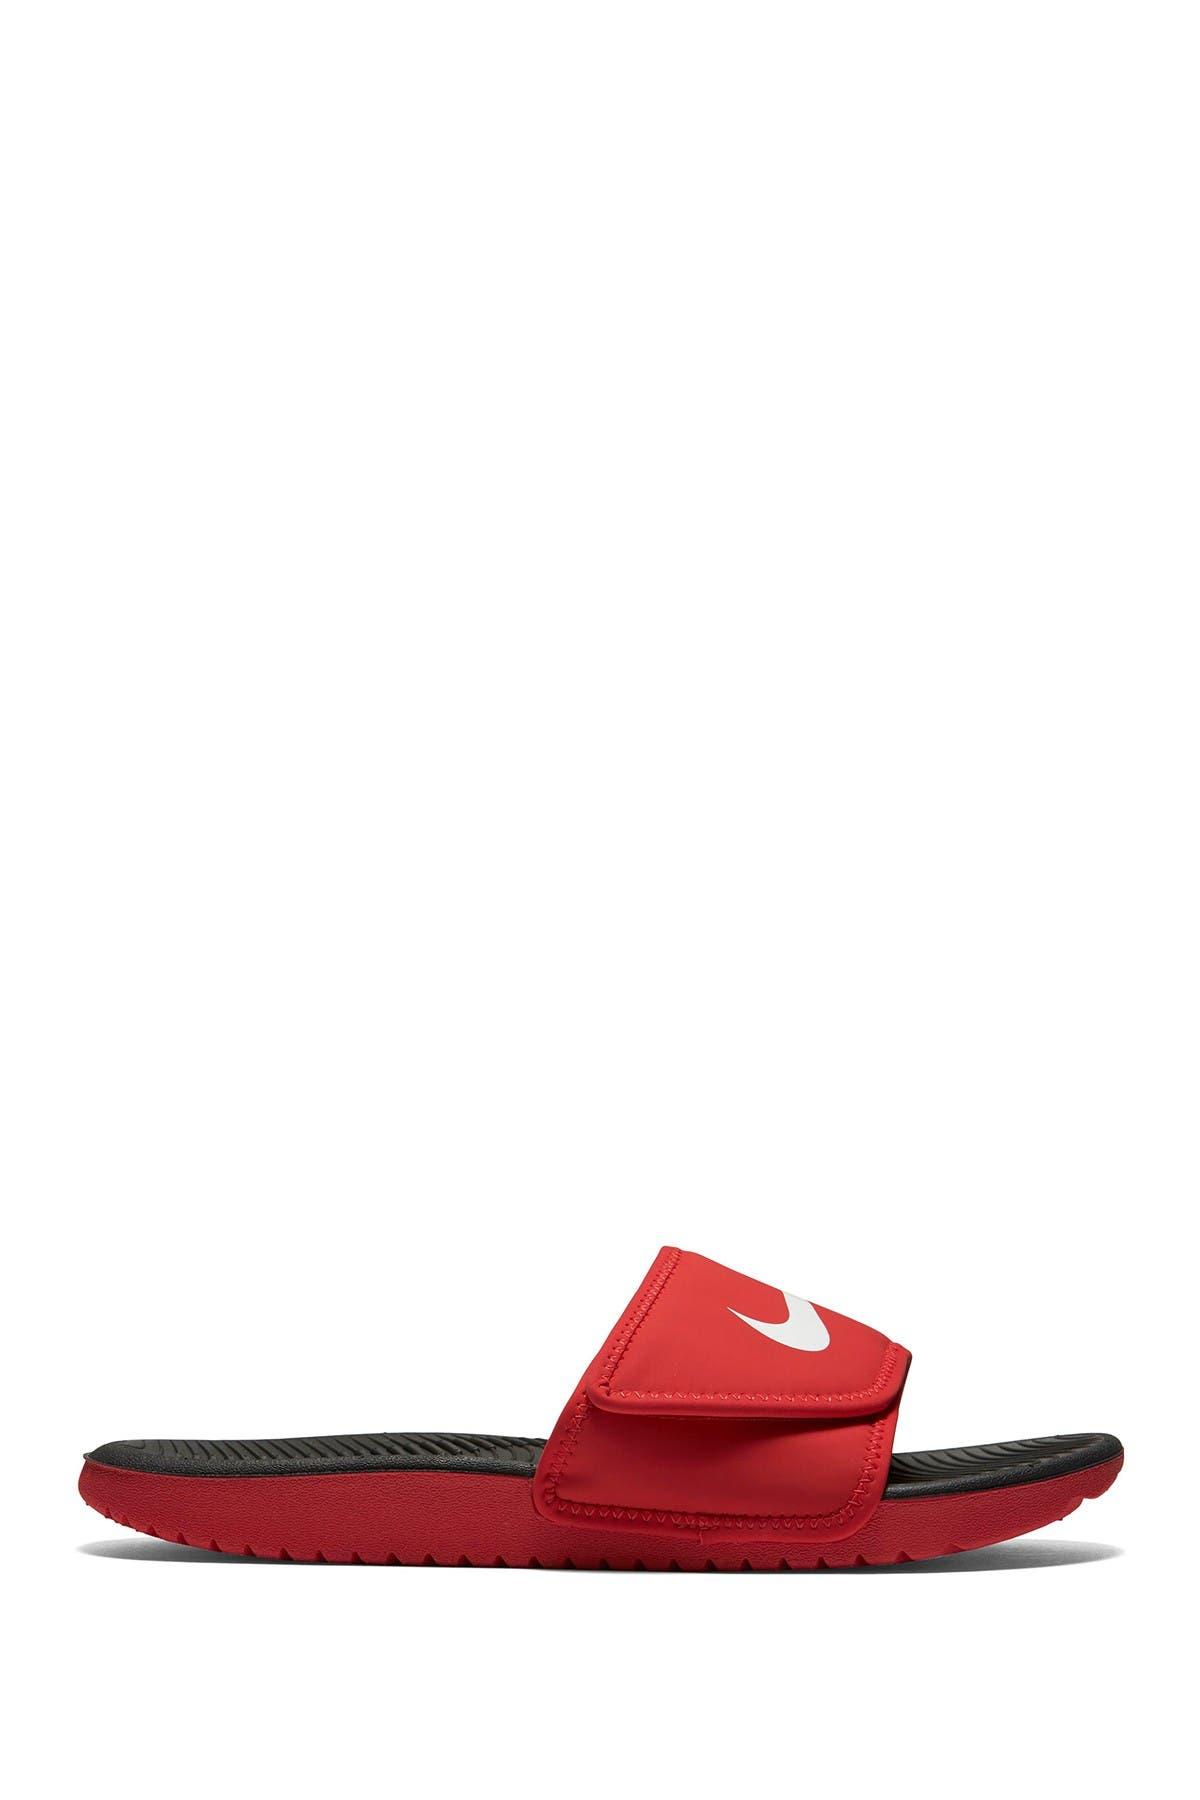 Nike   Kawa Adjustable Slide Sandal